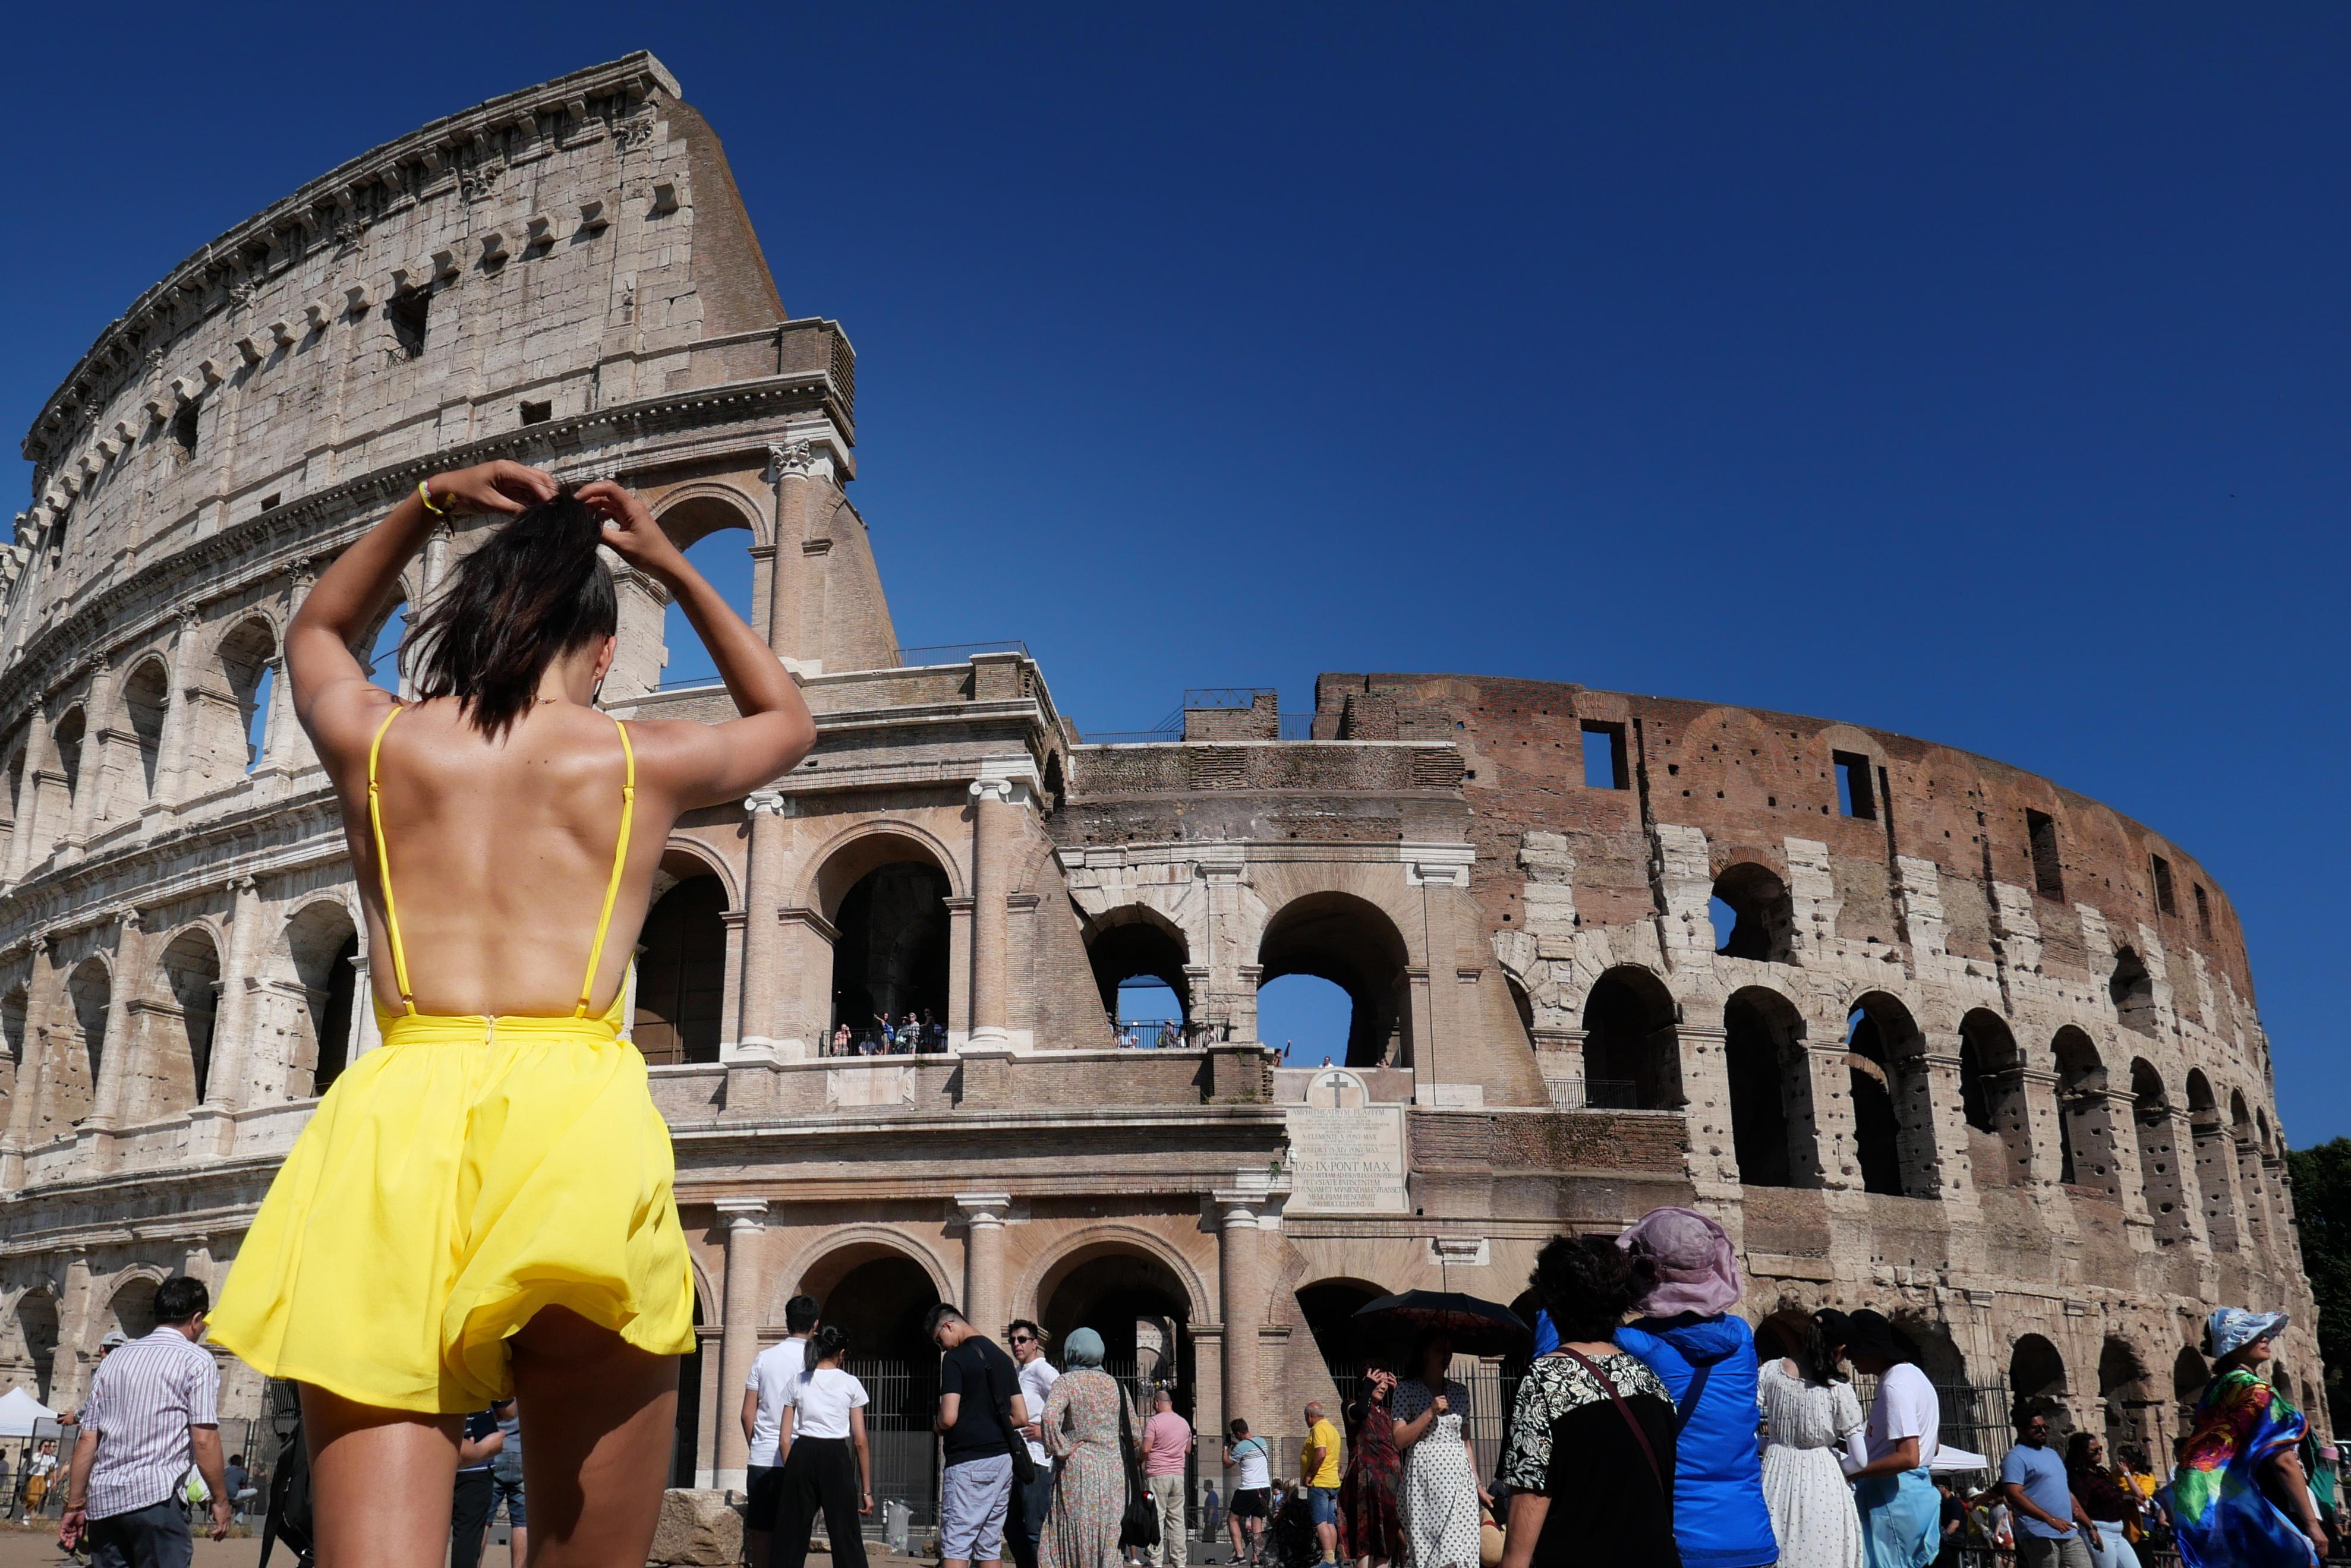 Una turista ajusta su cabello mientras camina bajo el sol frente al Coliseo, en Roma (Alberto Pizzoli/ AFP)